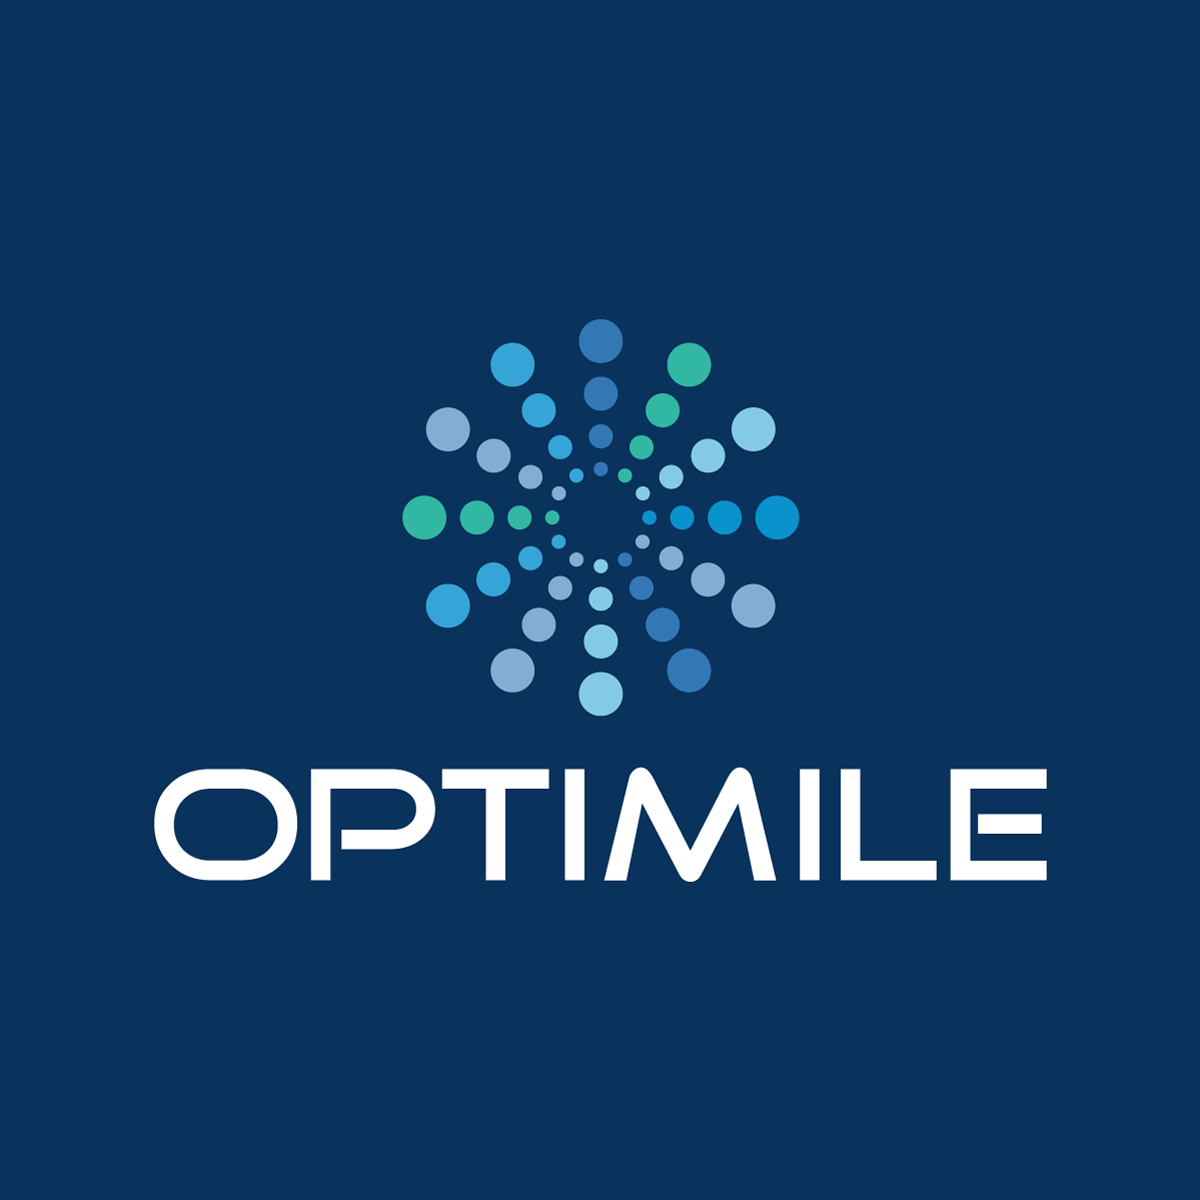 Optimile